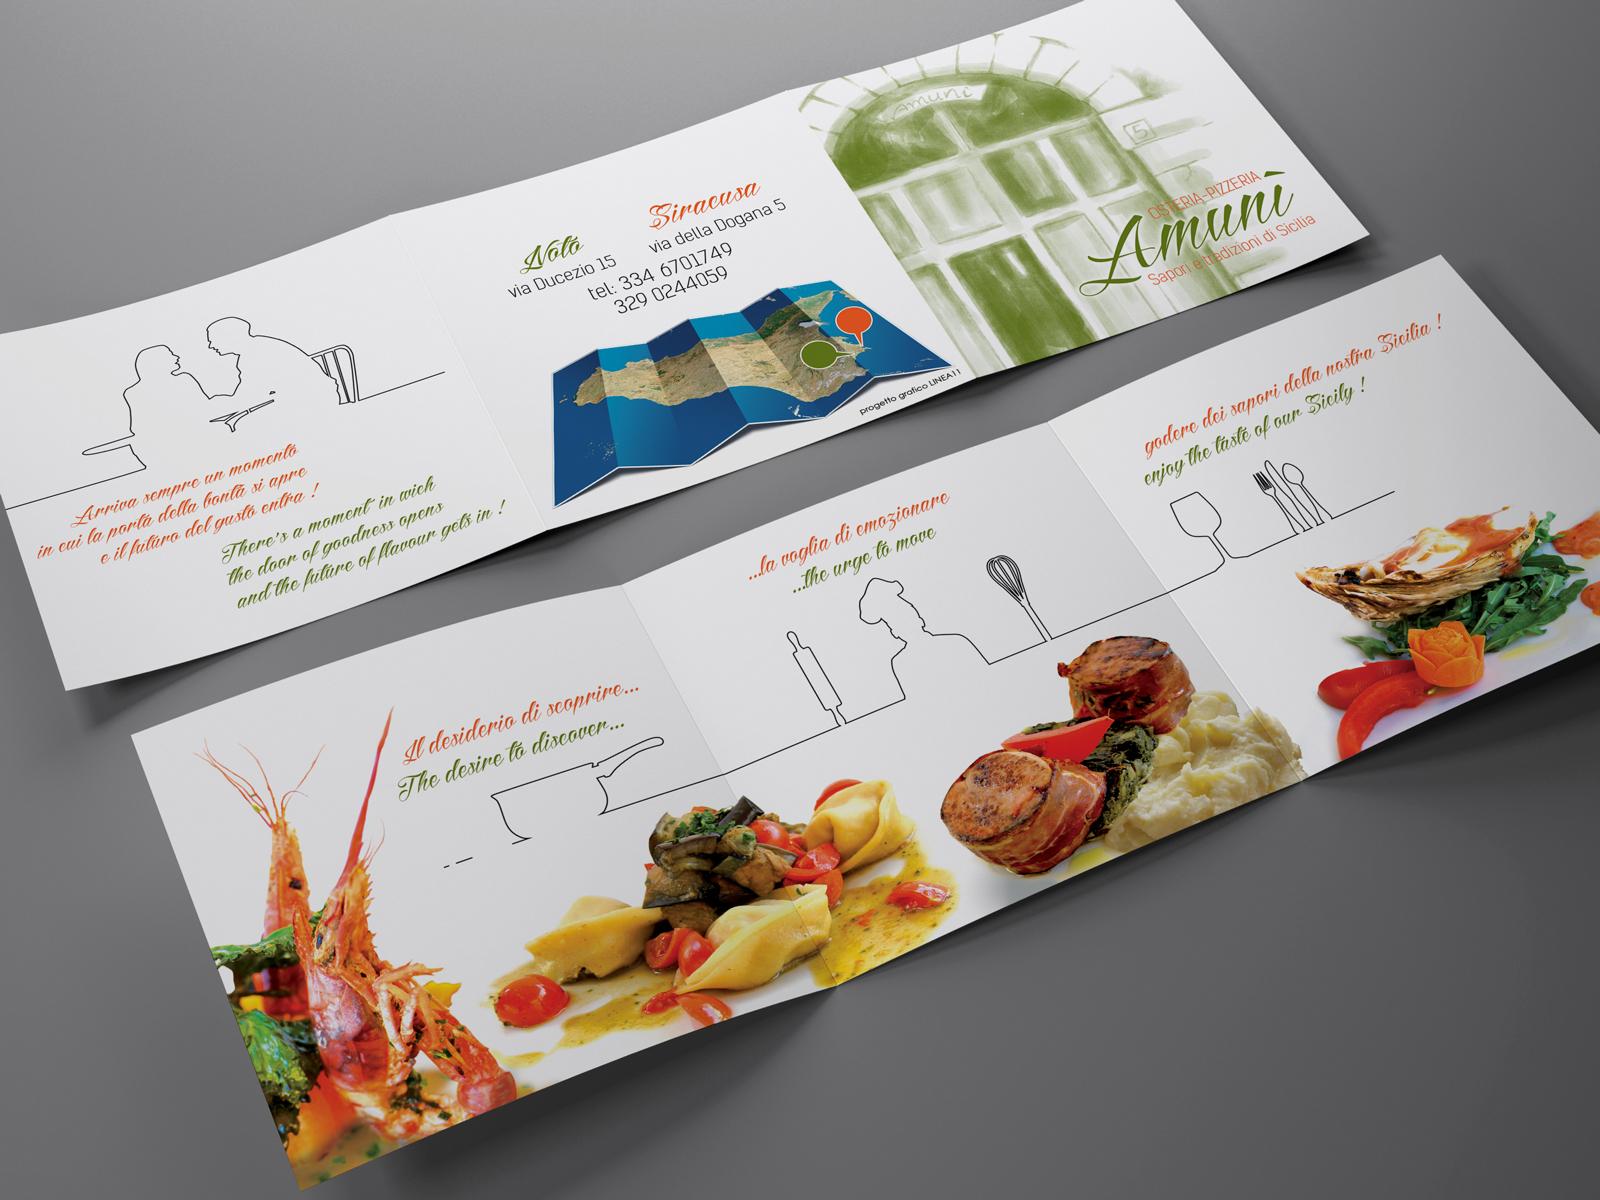 2014 AMUNÌ - Linea 11 - Company profile, comunicazione, grafica, pubblicità, eventi, siti web, illustrazioni, video, adv - Azienda abilitata MEPA